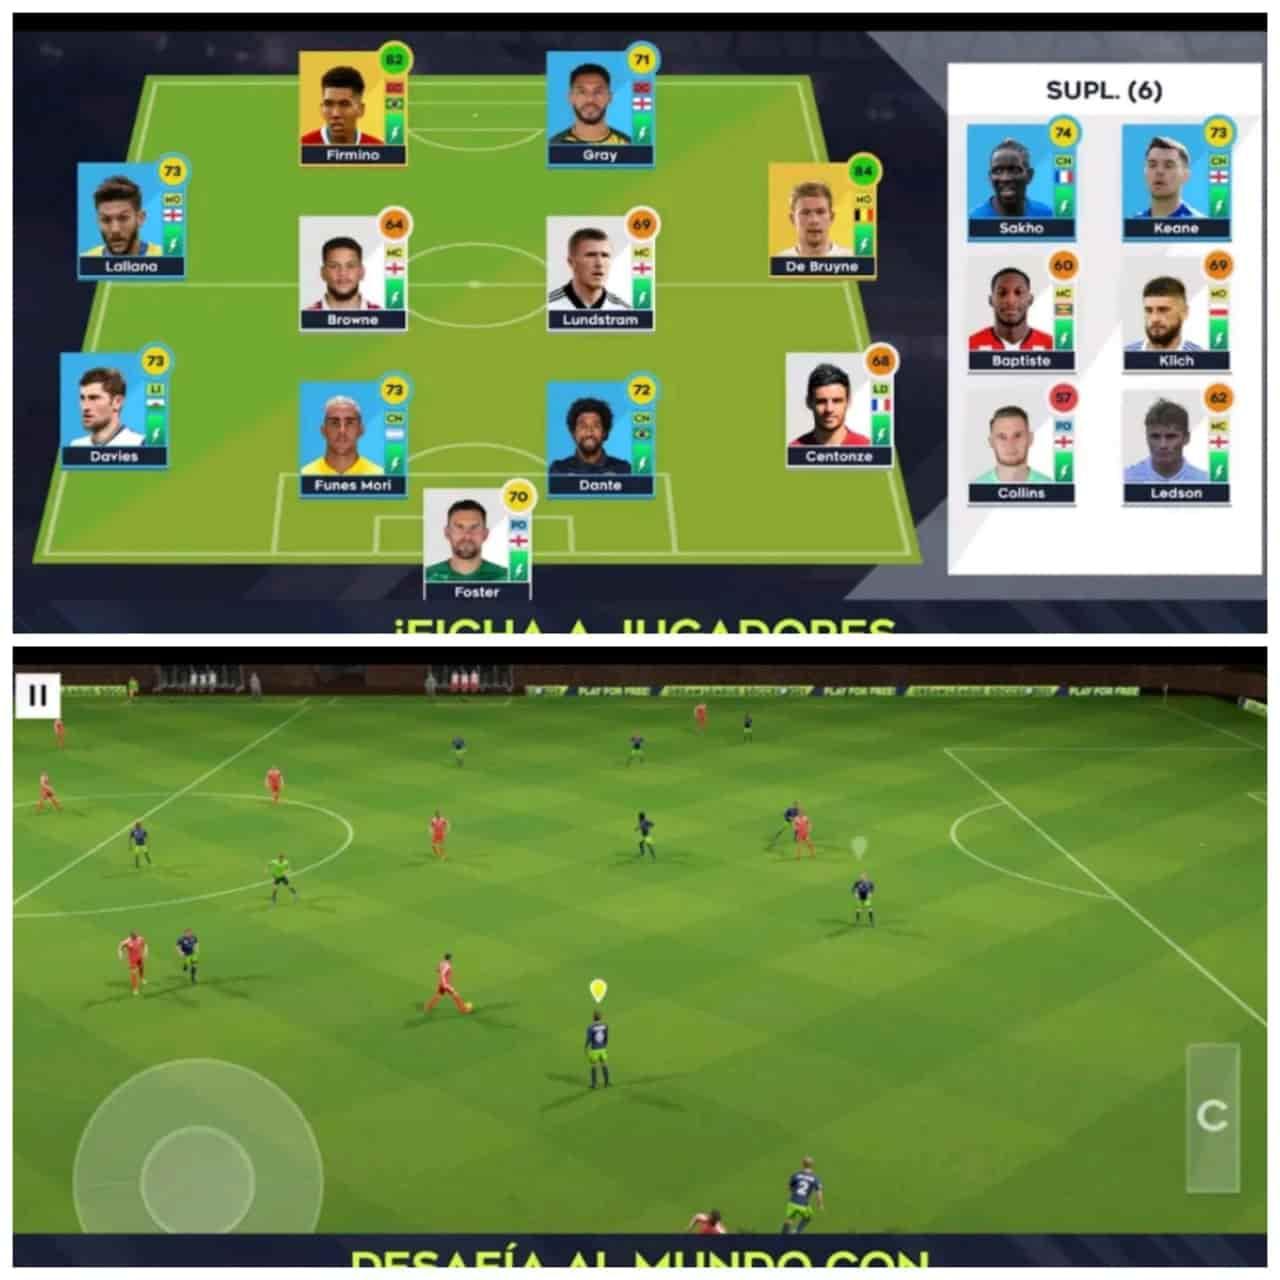 Dream League Soccer Mod Apk Unlimited Coins 2021